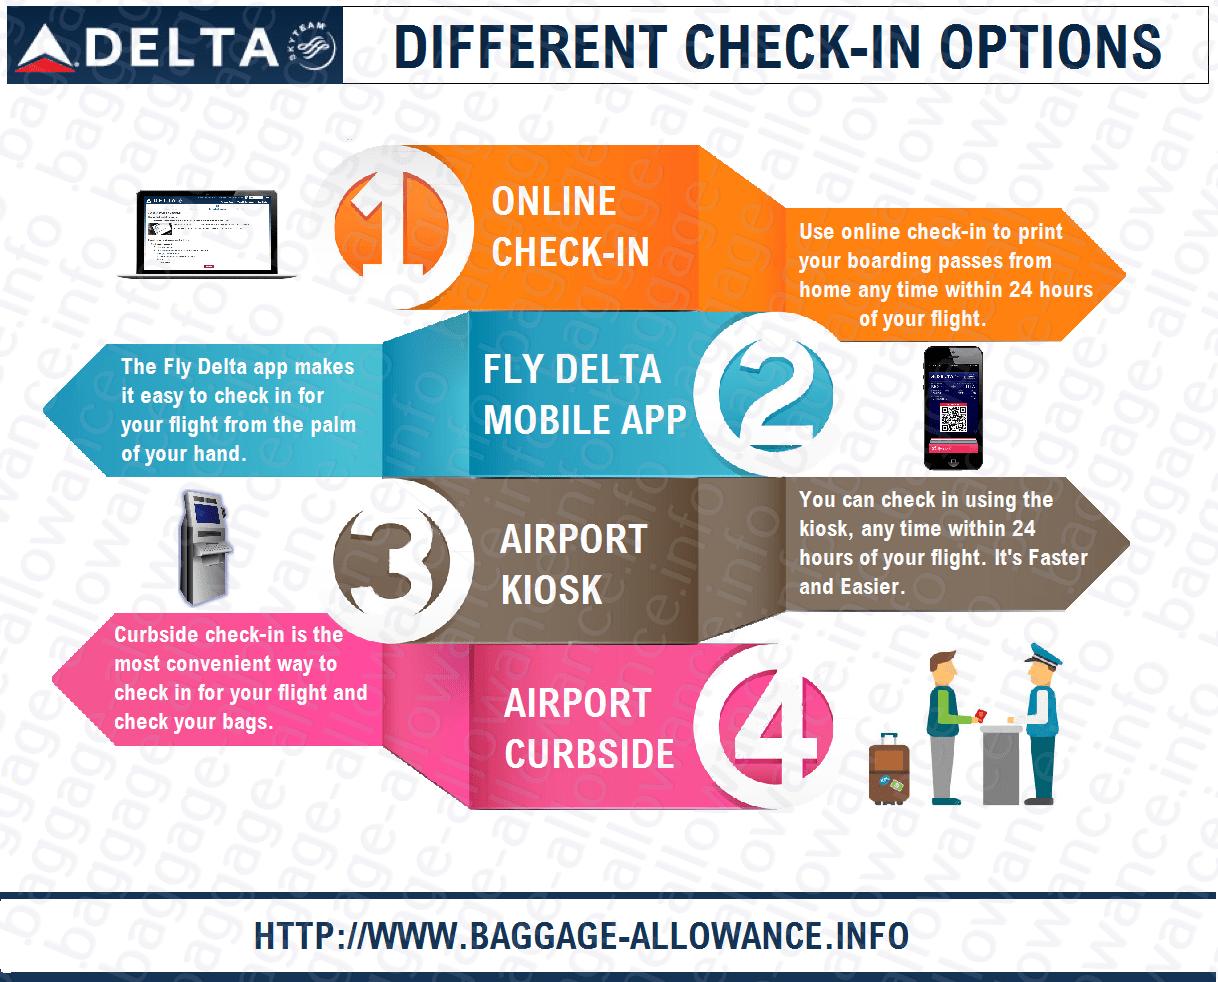 Delta Online Check In